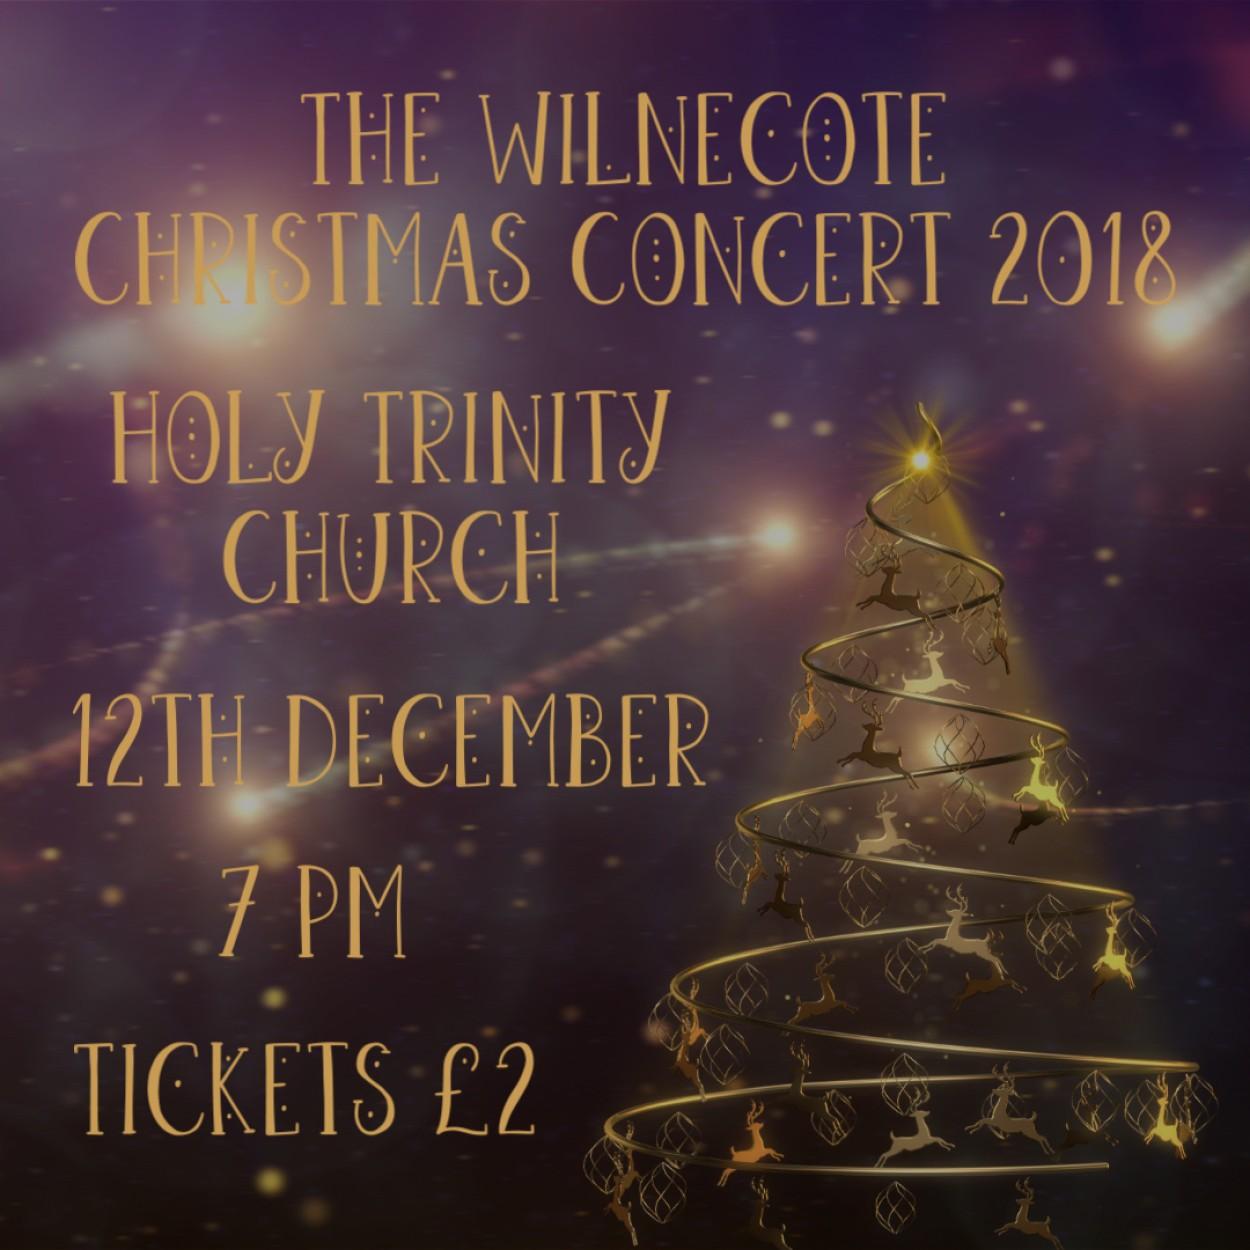 Wilnecote Christmas Concert